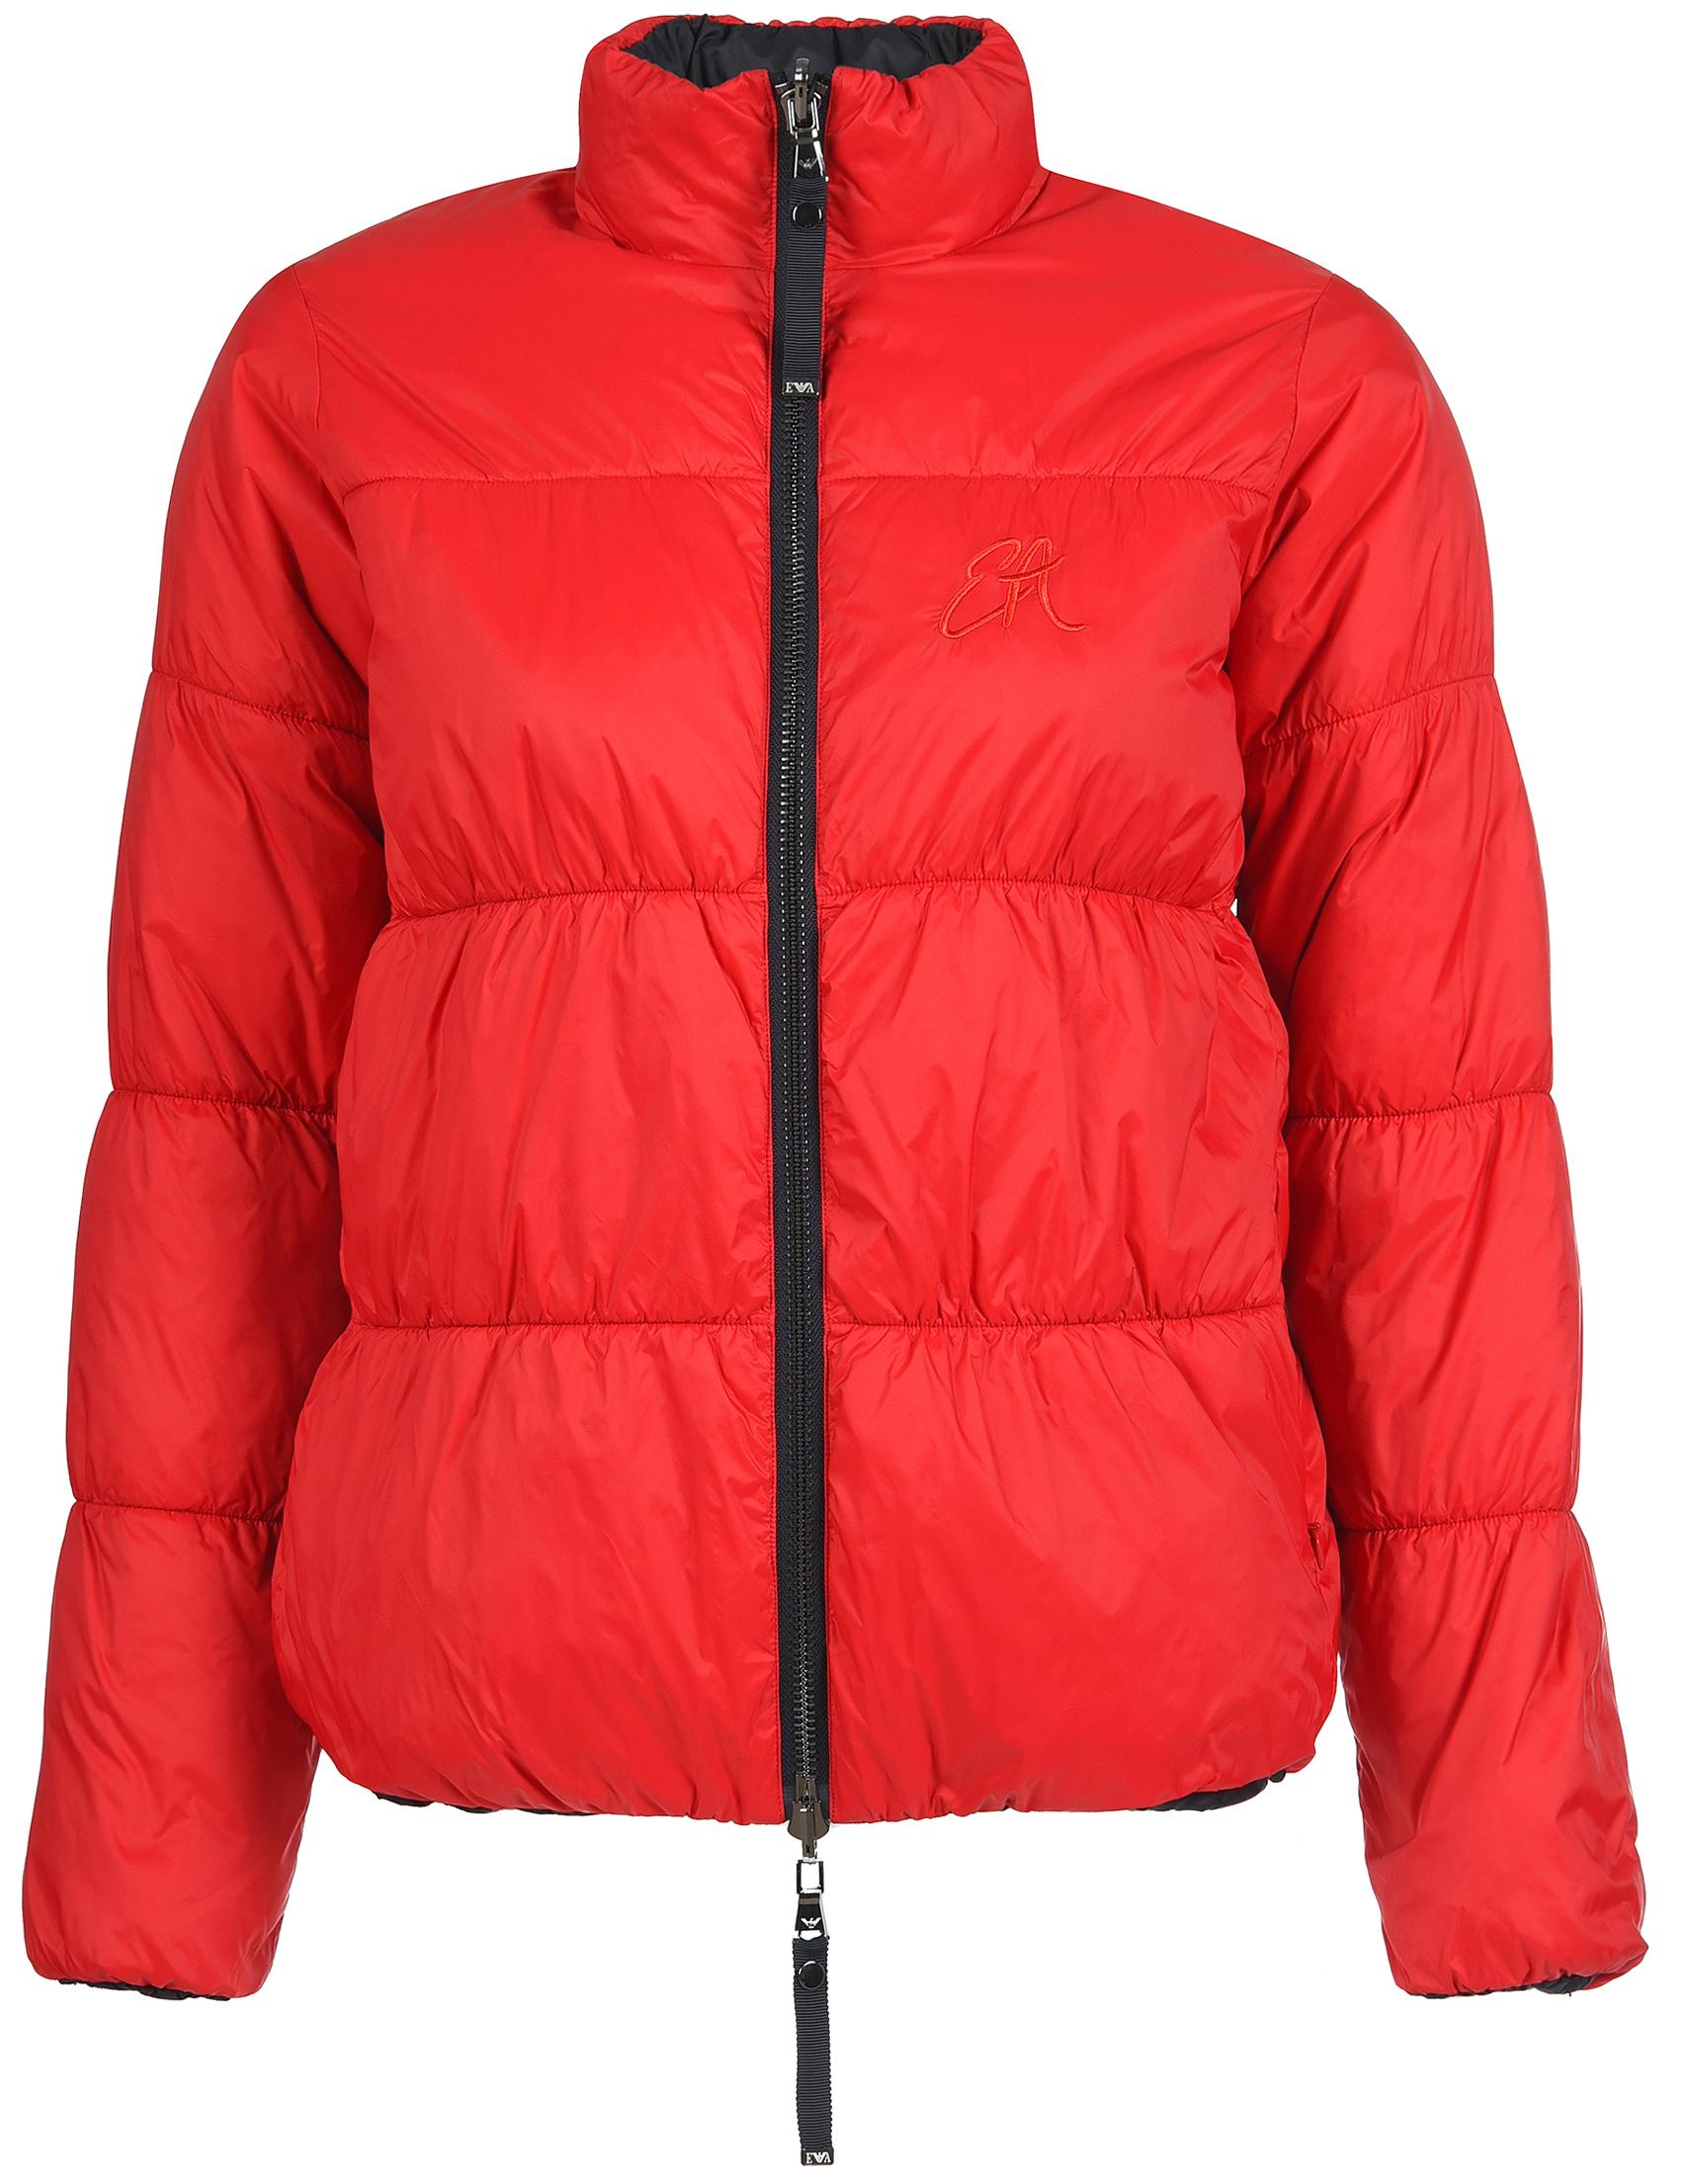 Купить Куртки, Куртка, EMPORIO ARMANI, Красный, 100%Полиэстер, Осень-Зима